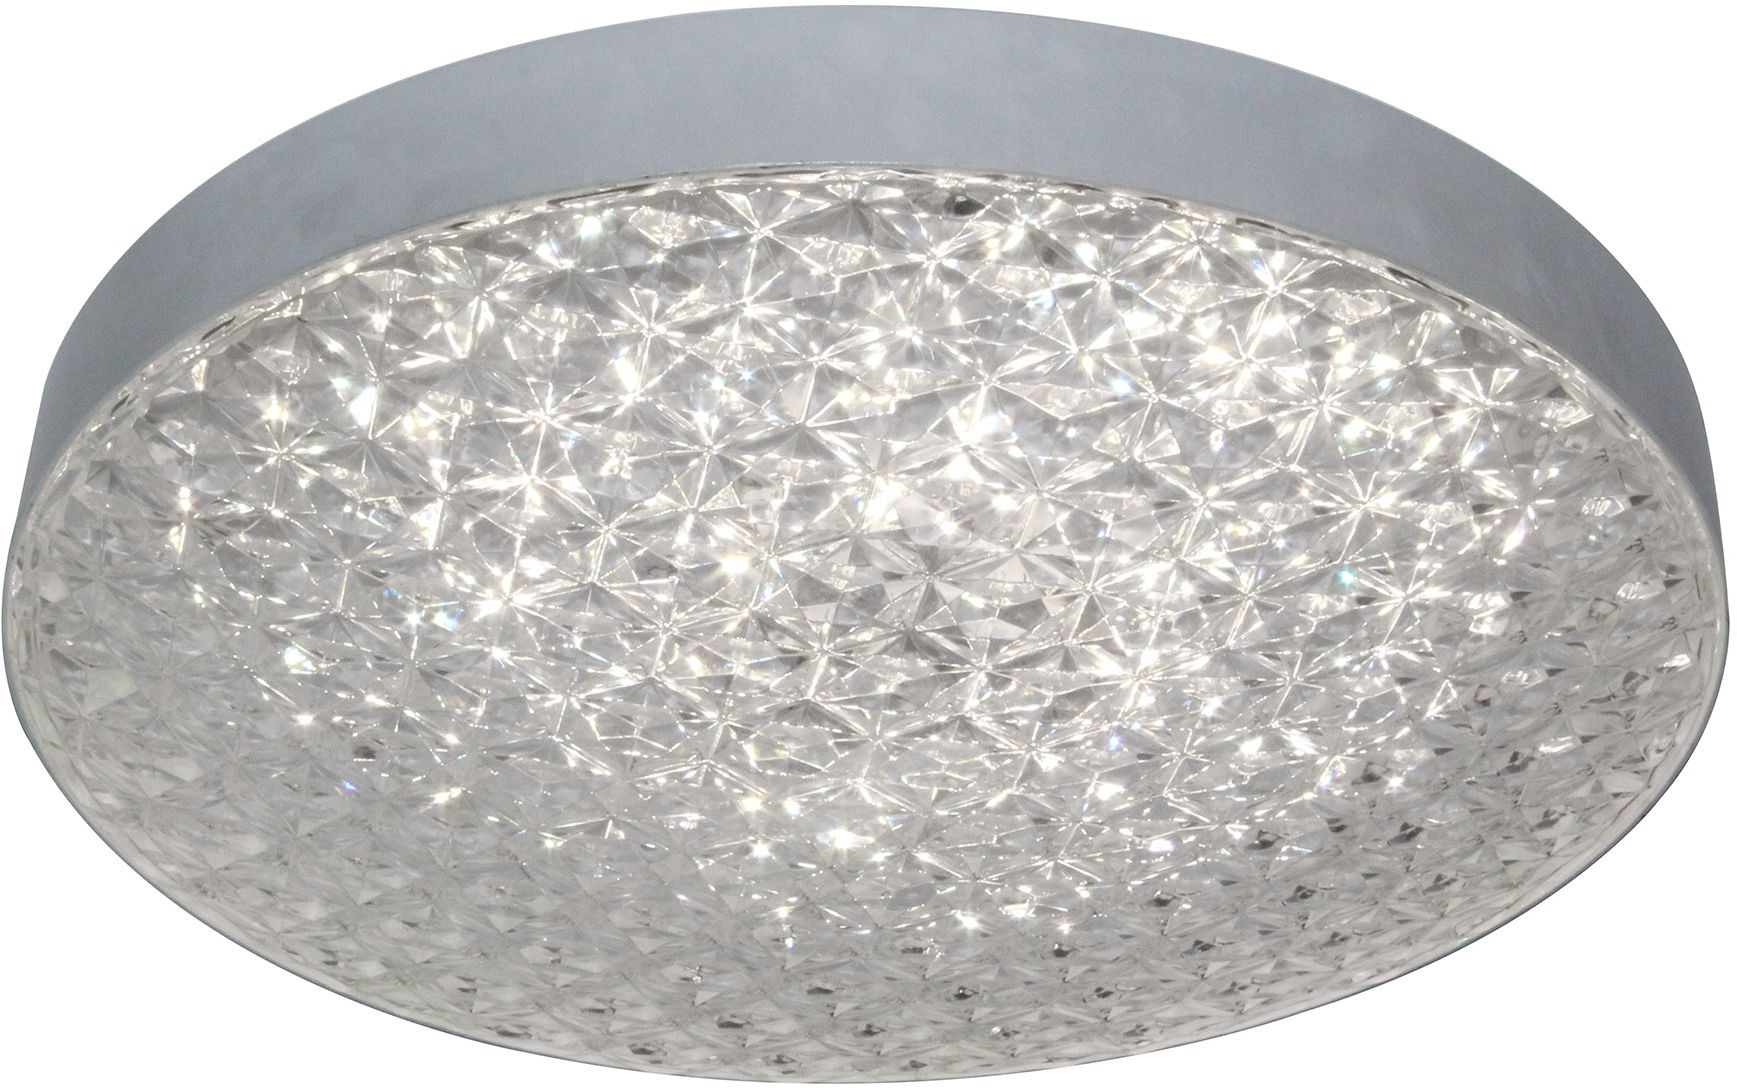 Mila plafon LED srebrny DY136-D480 - Zuma Line // Rabaty w koszyku i darmowa dostawa od 299zł !